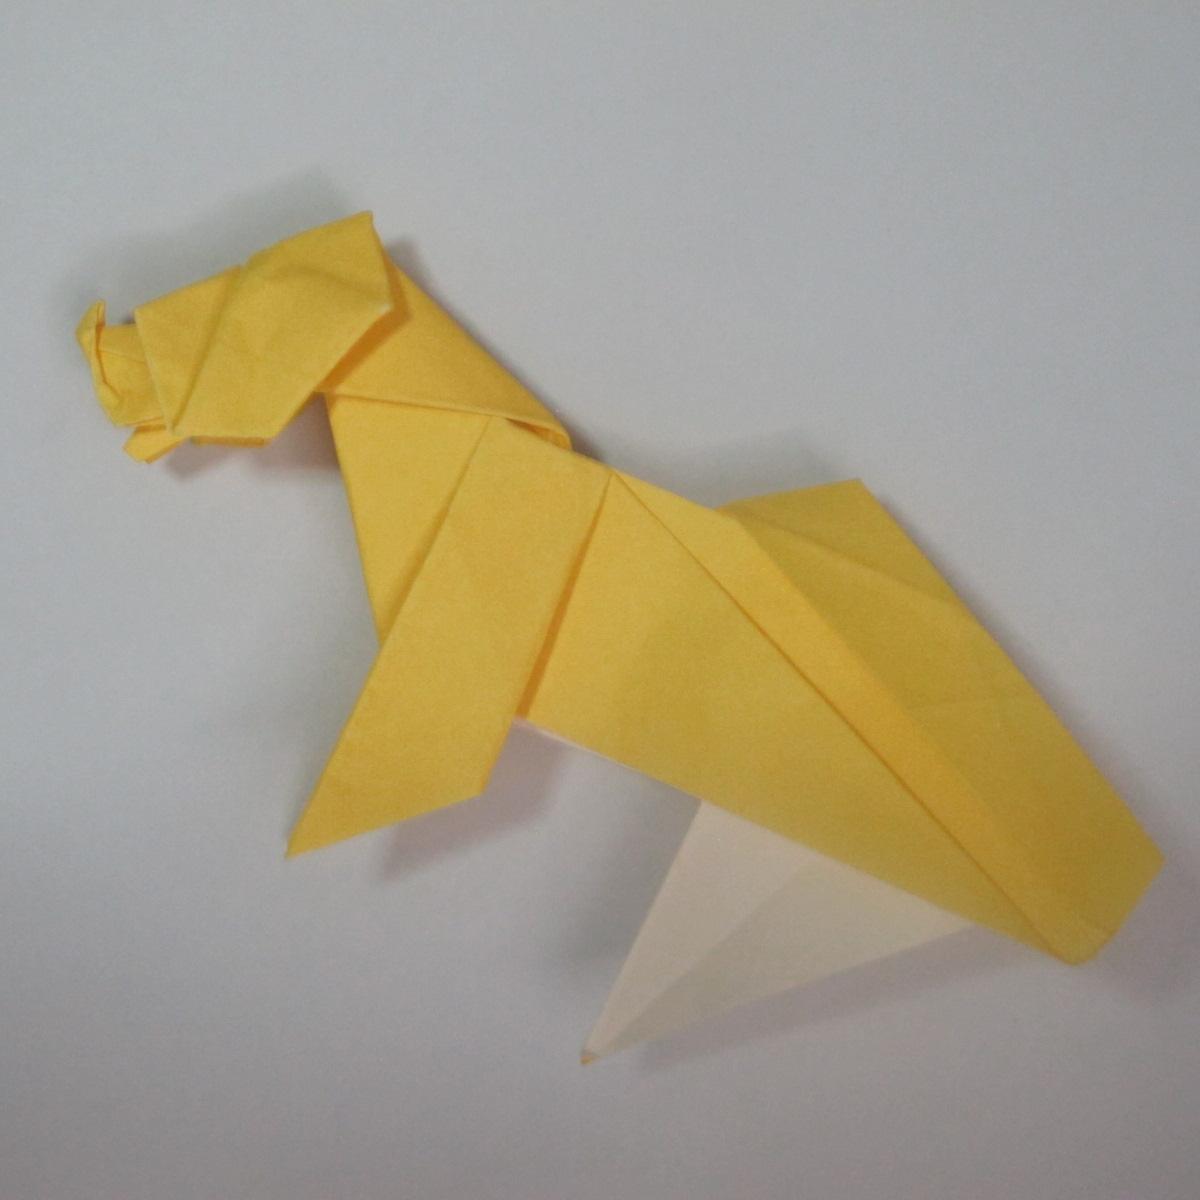 สอนวิธีพับกระดาษเป็นรูปลูกสุนัขยืนสองขา แบบของพอล ฟราสโก้ (Down Boy Dog Origami) 104